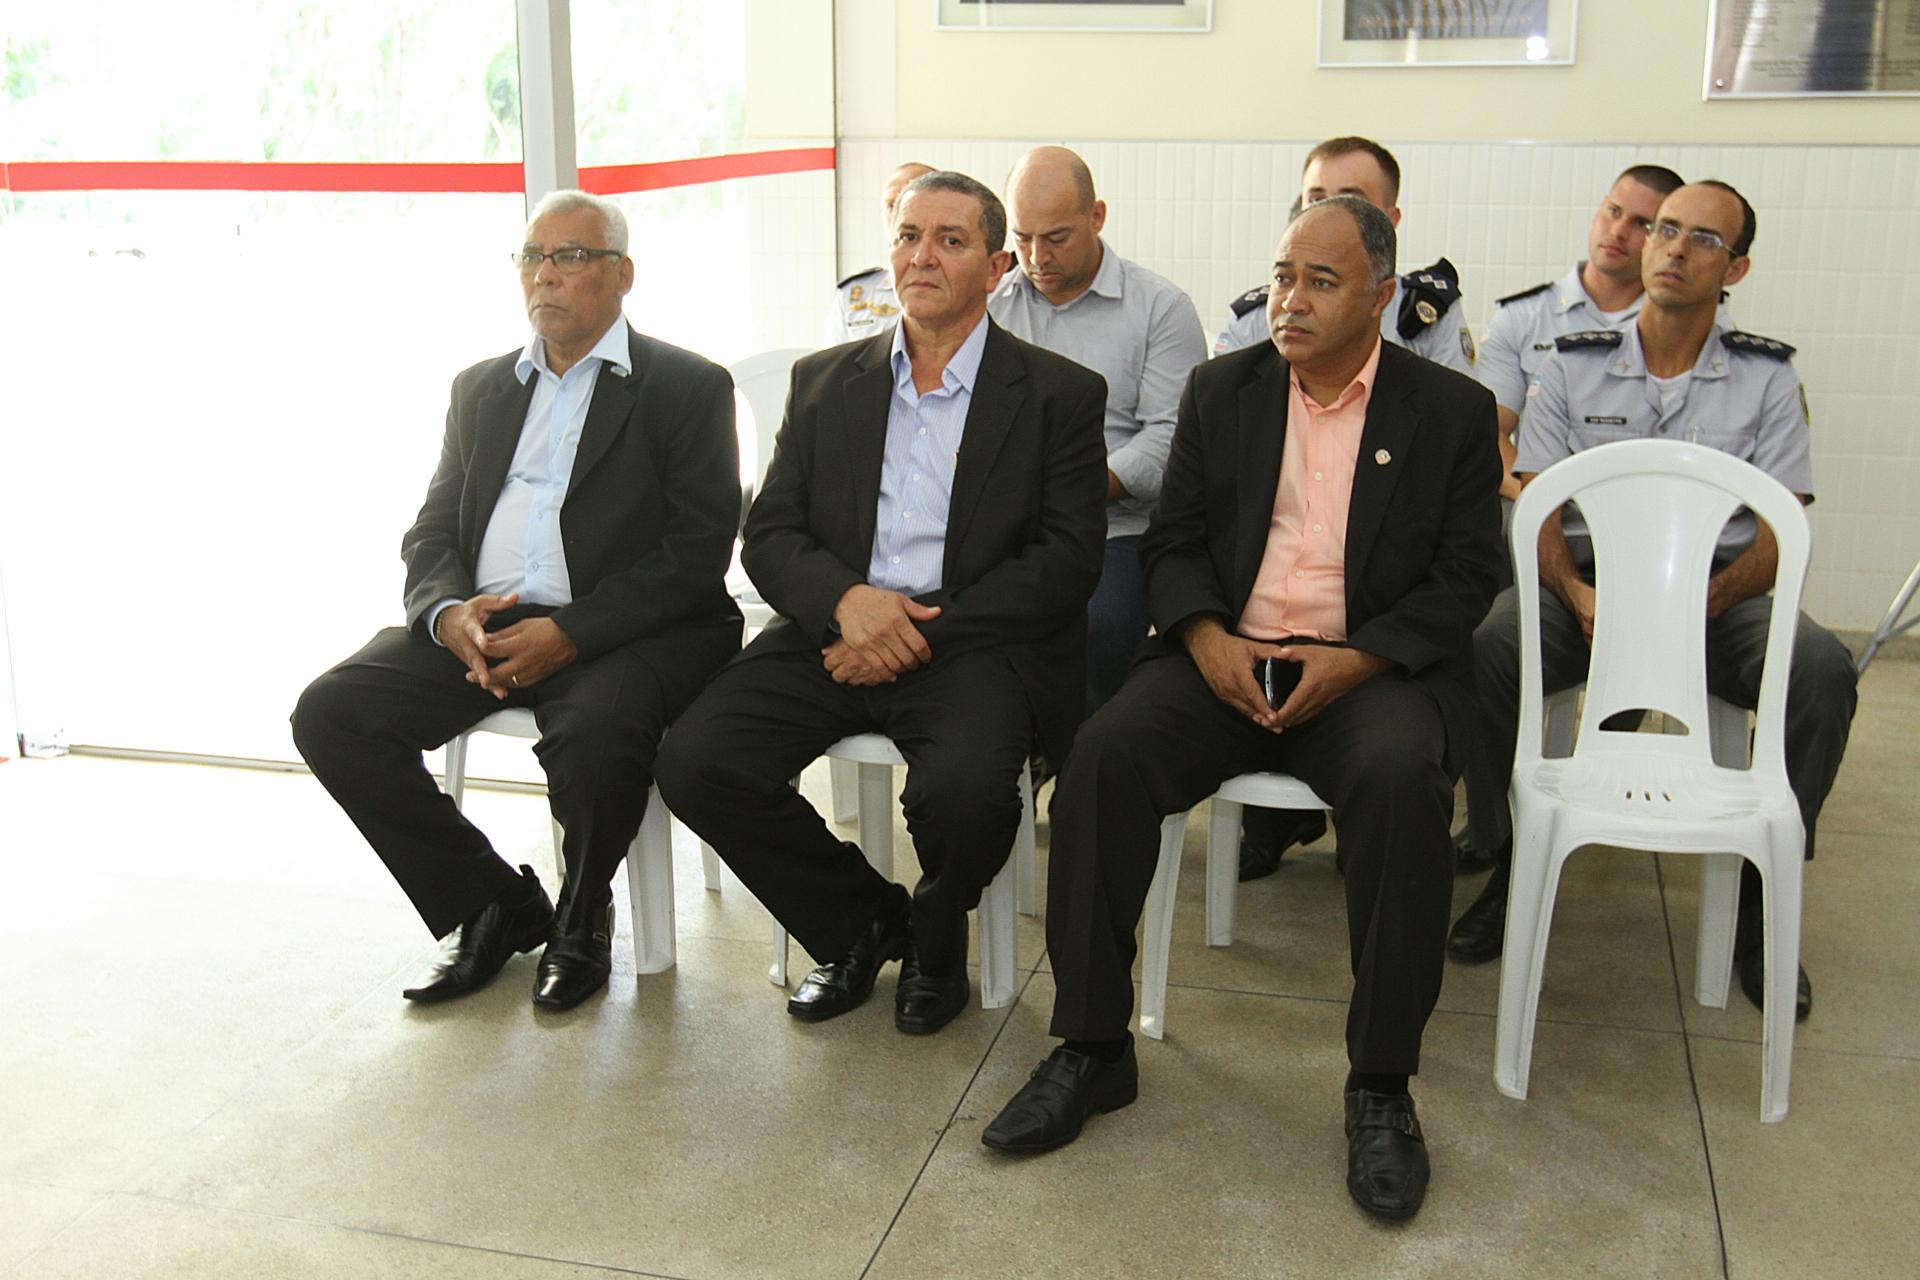 Aspomires participa da abertura do Curso de Aperfeiçoamento de Sargentos no ISP